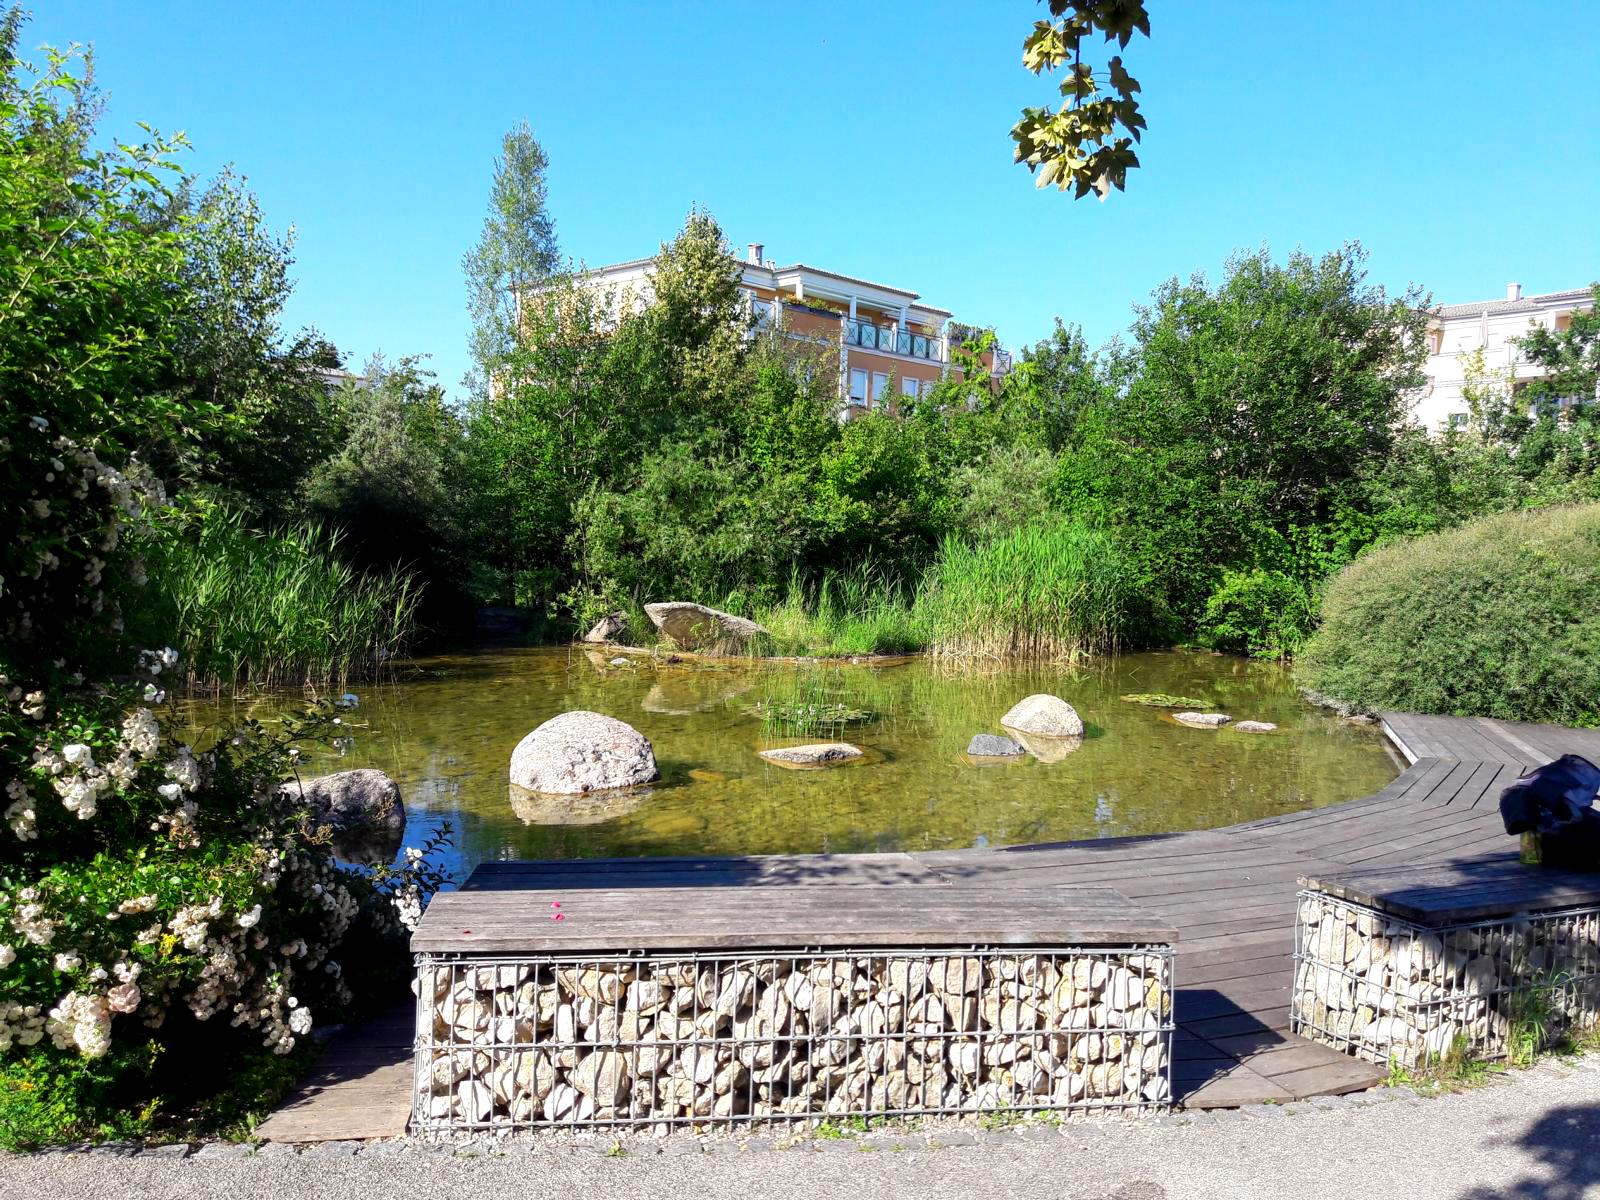 Wasserspielplatz Plansche See In Vaterstetten Ich Spring Im Dreieck